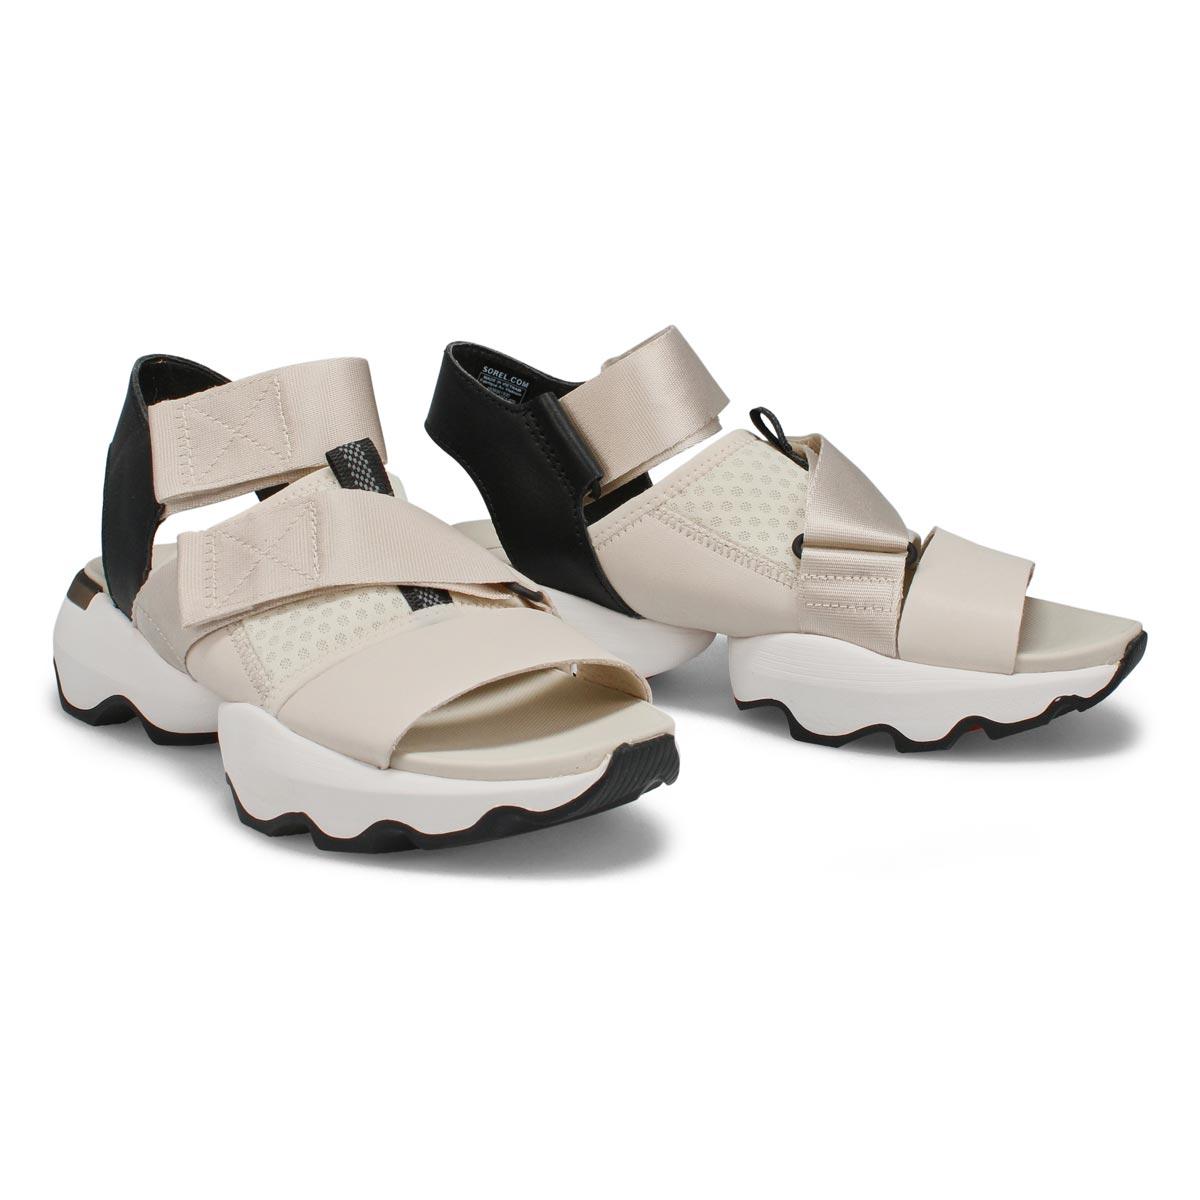 Sandales décontractées KINETIC IMPACT fauve femmes